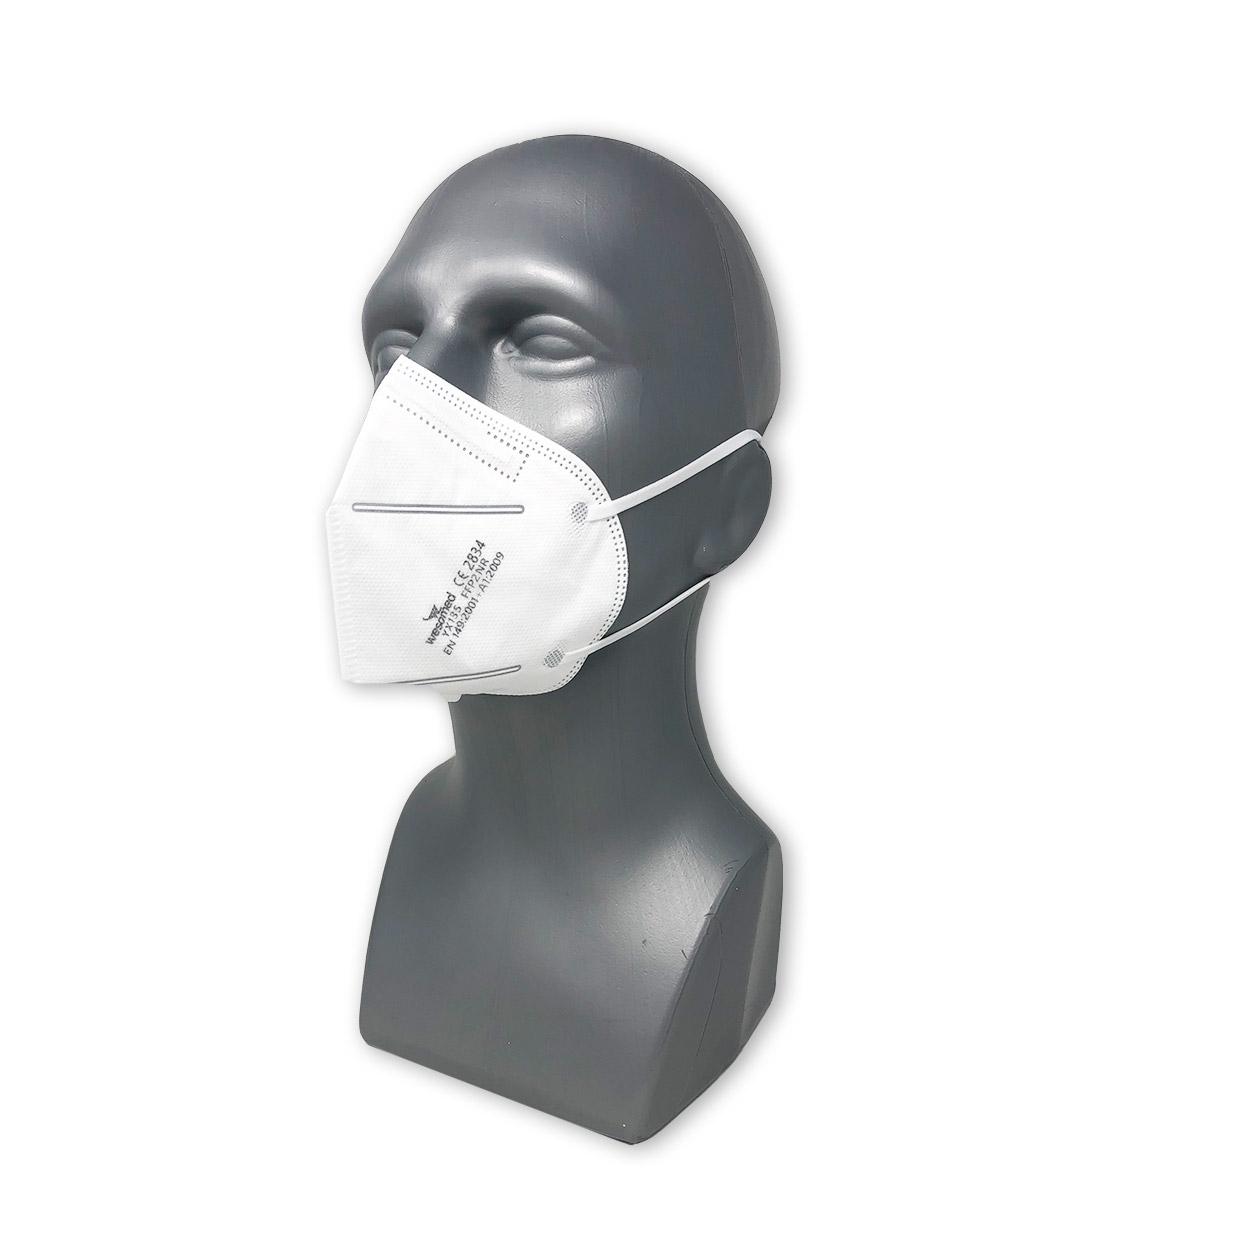 FFP2 Atemschutzmaske Weso-Med YX 135 - einzeln verpackt